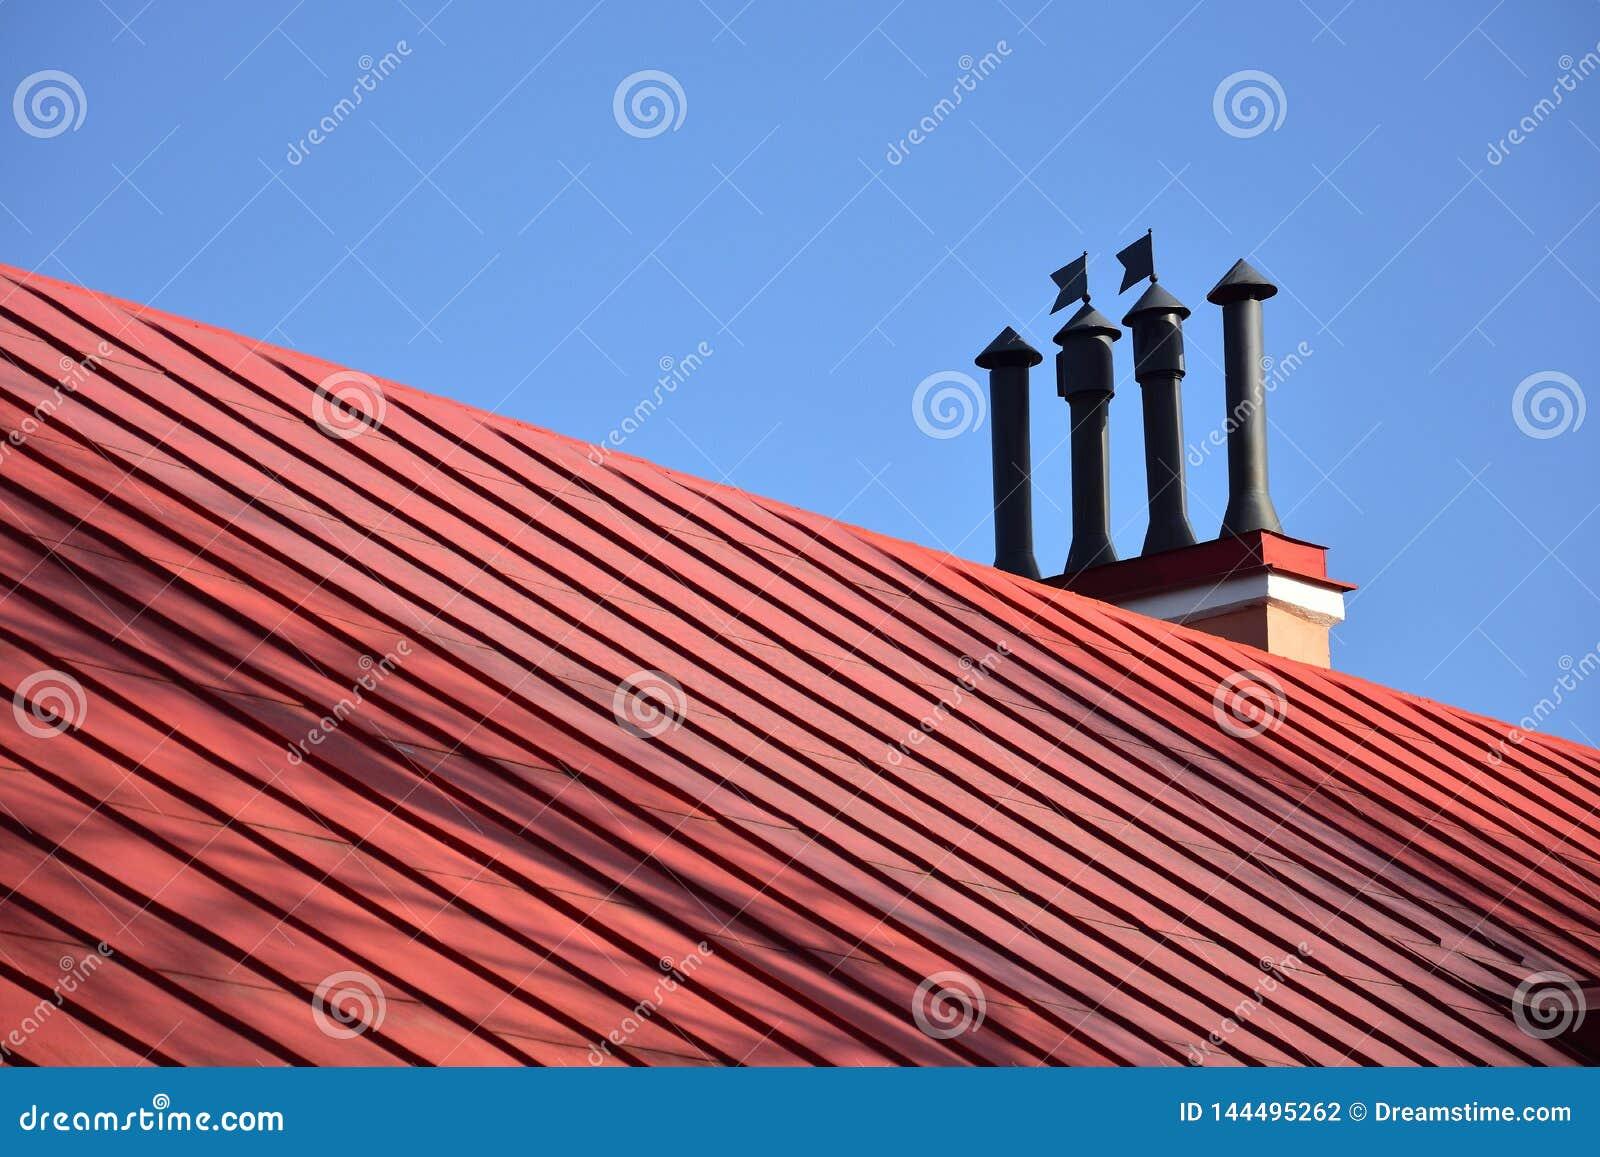 Chaminés do close-up no telhado e no céu vermelhos